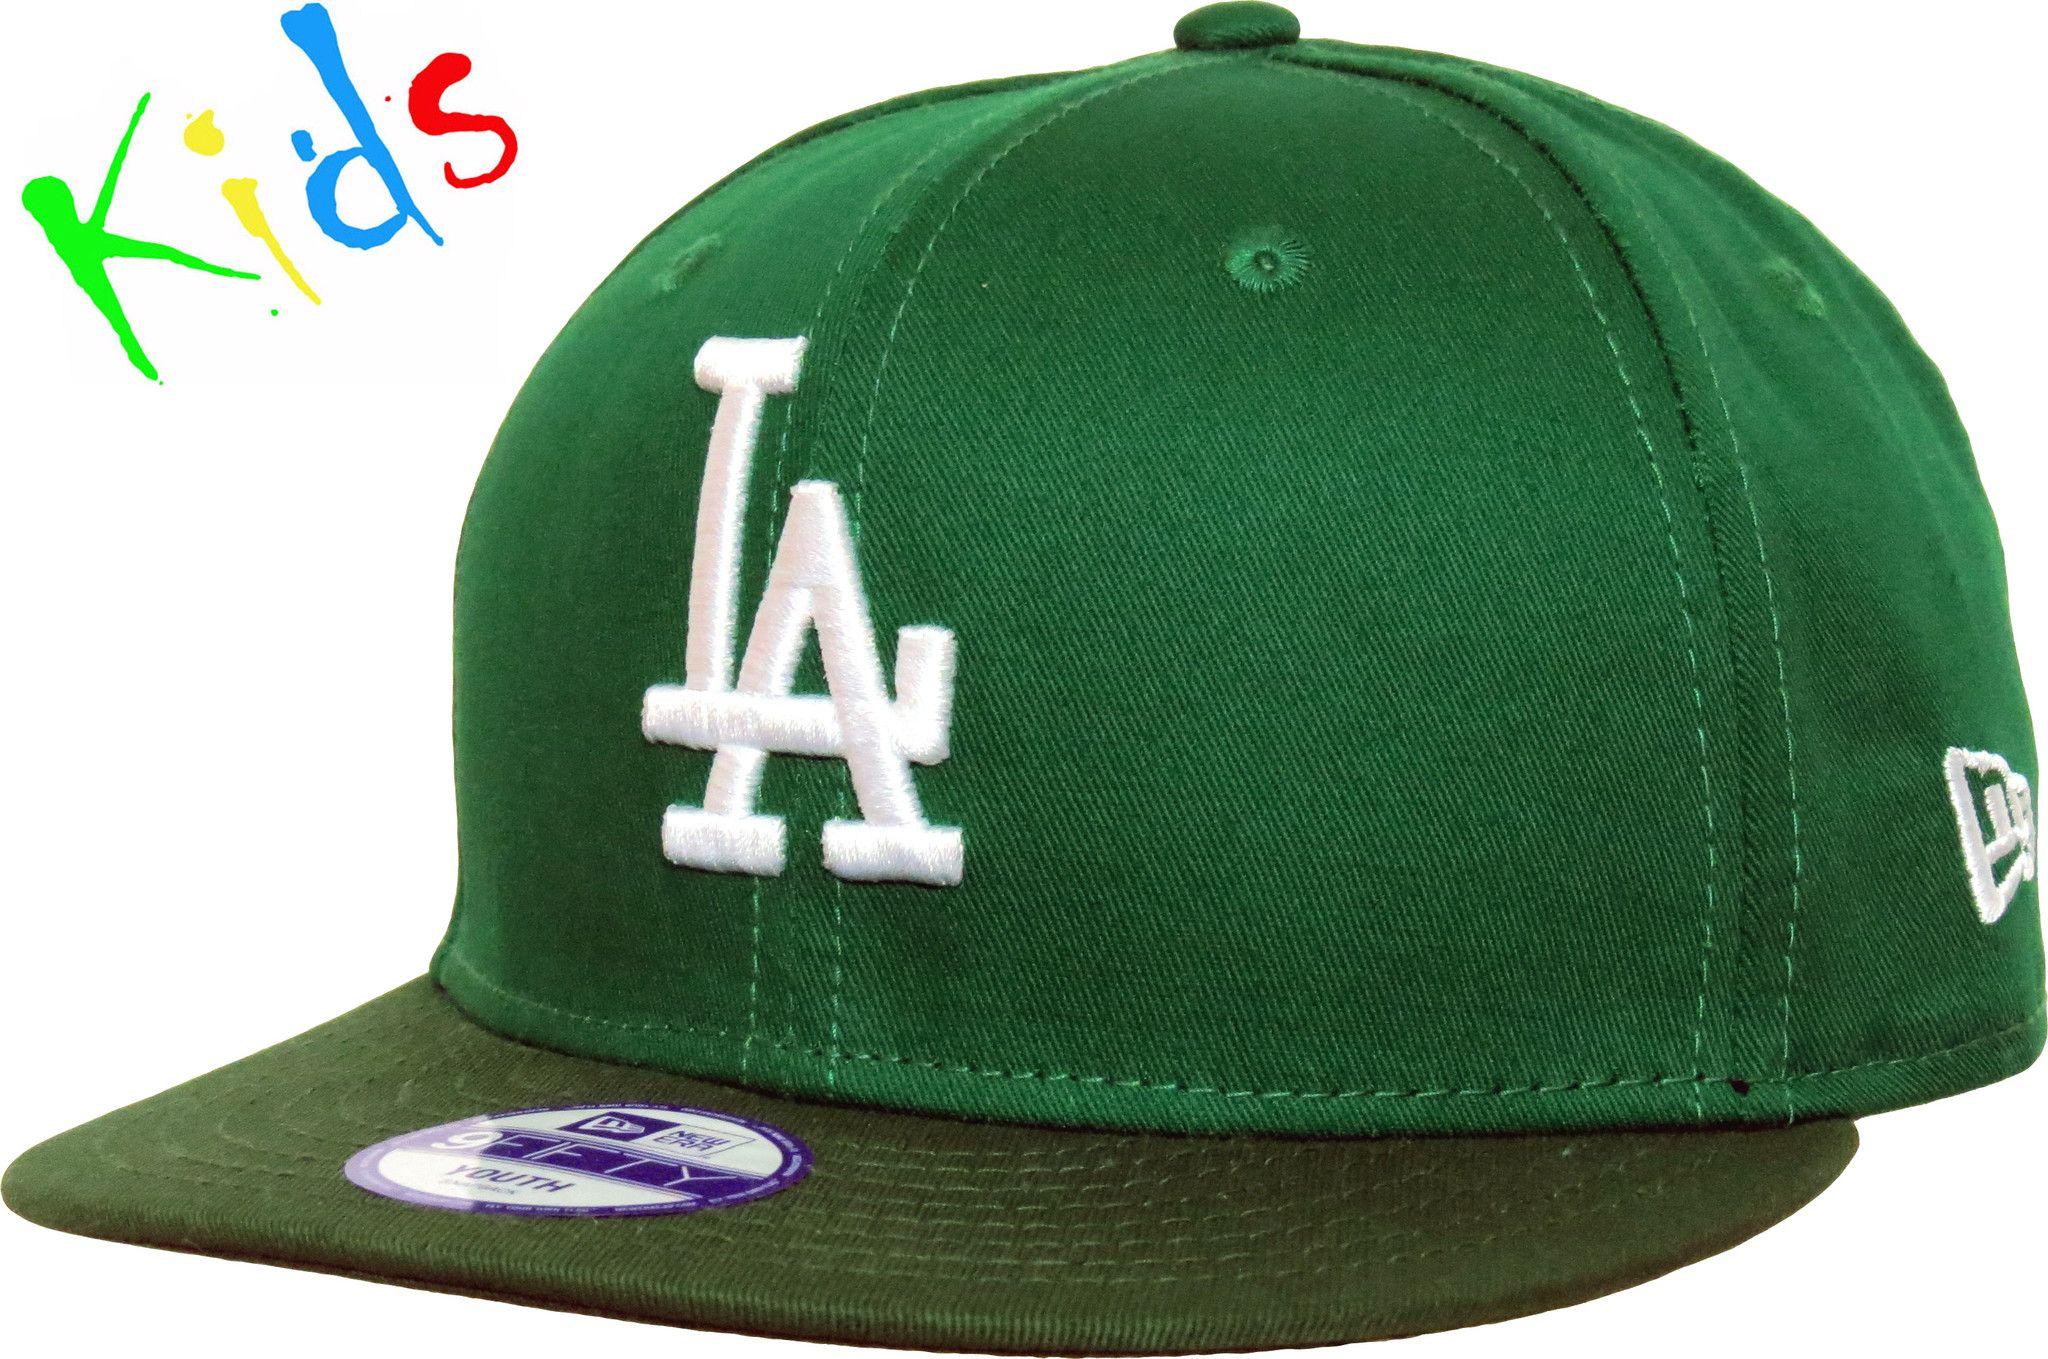 4293fca727e LA Dodgers New Era 950 Cotton Block Kids Kelly Green Snapback Cap (Ages 5 -  10) - pumpheadgear